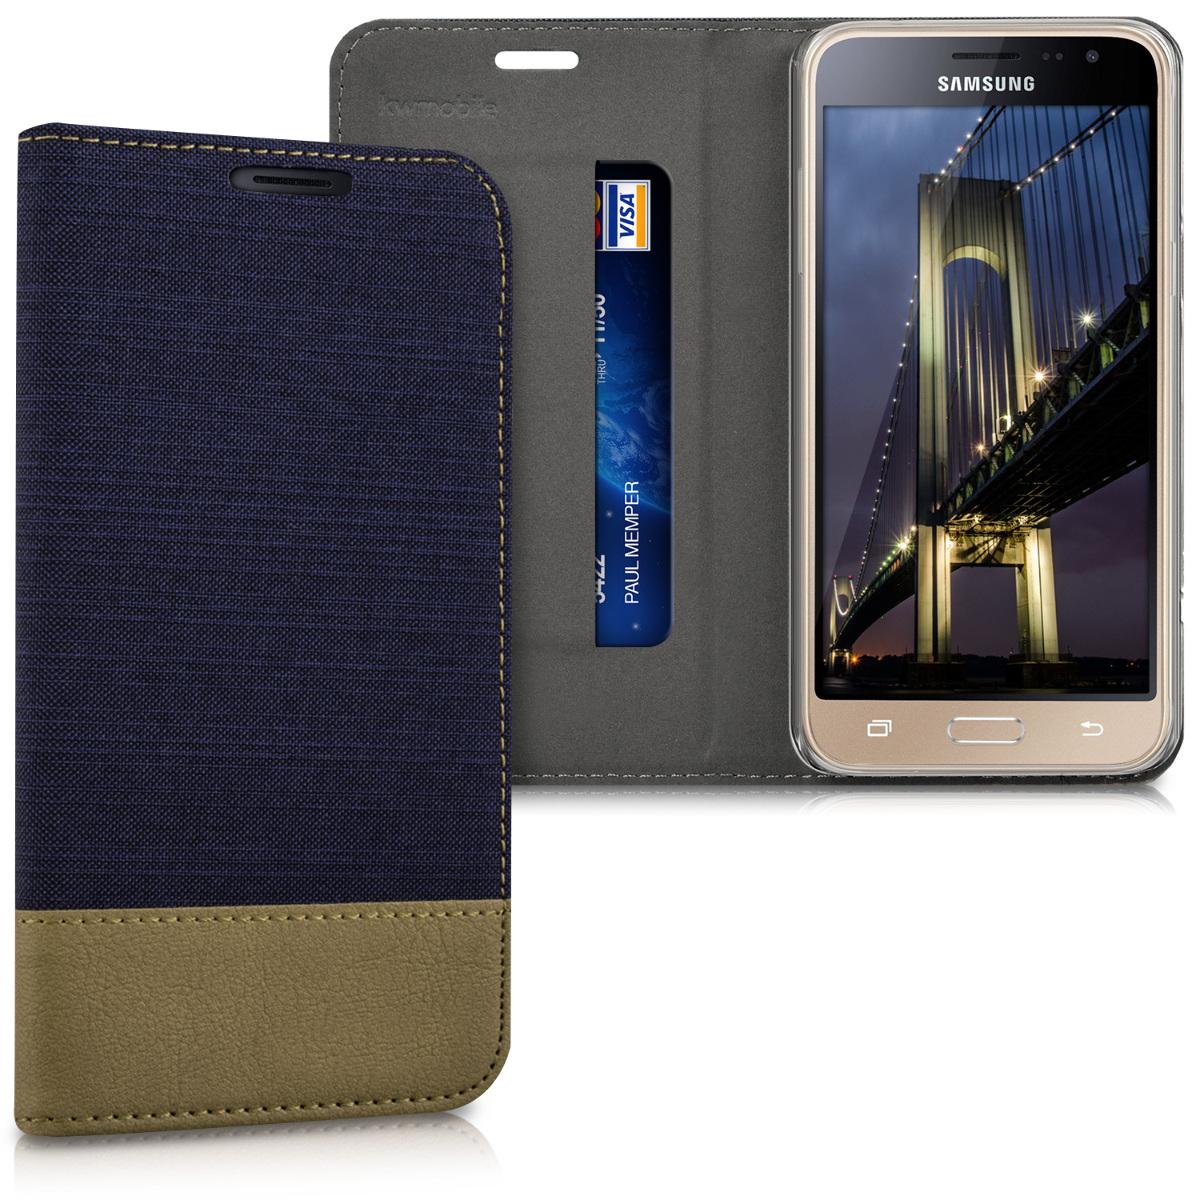 Fabricpouzdro pro Samsung J3 (2016) DUOS - tmavě modré / Brown